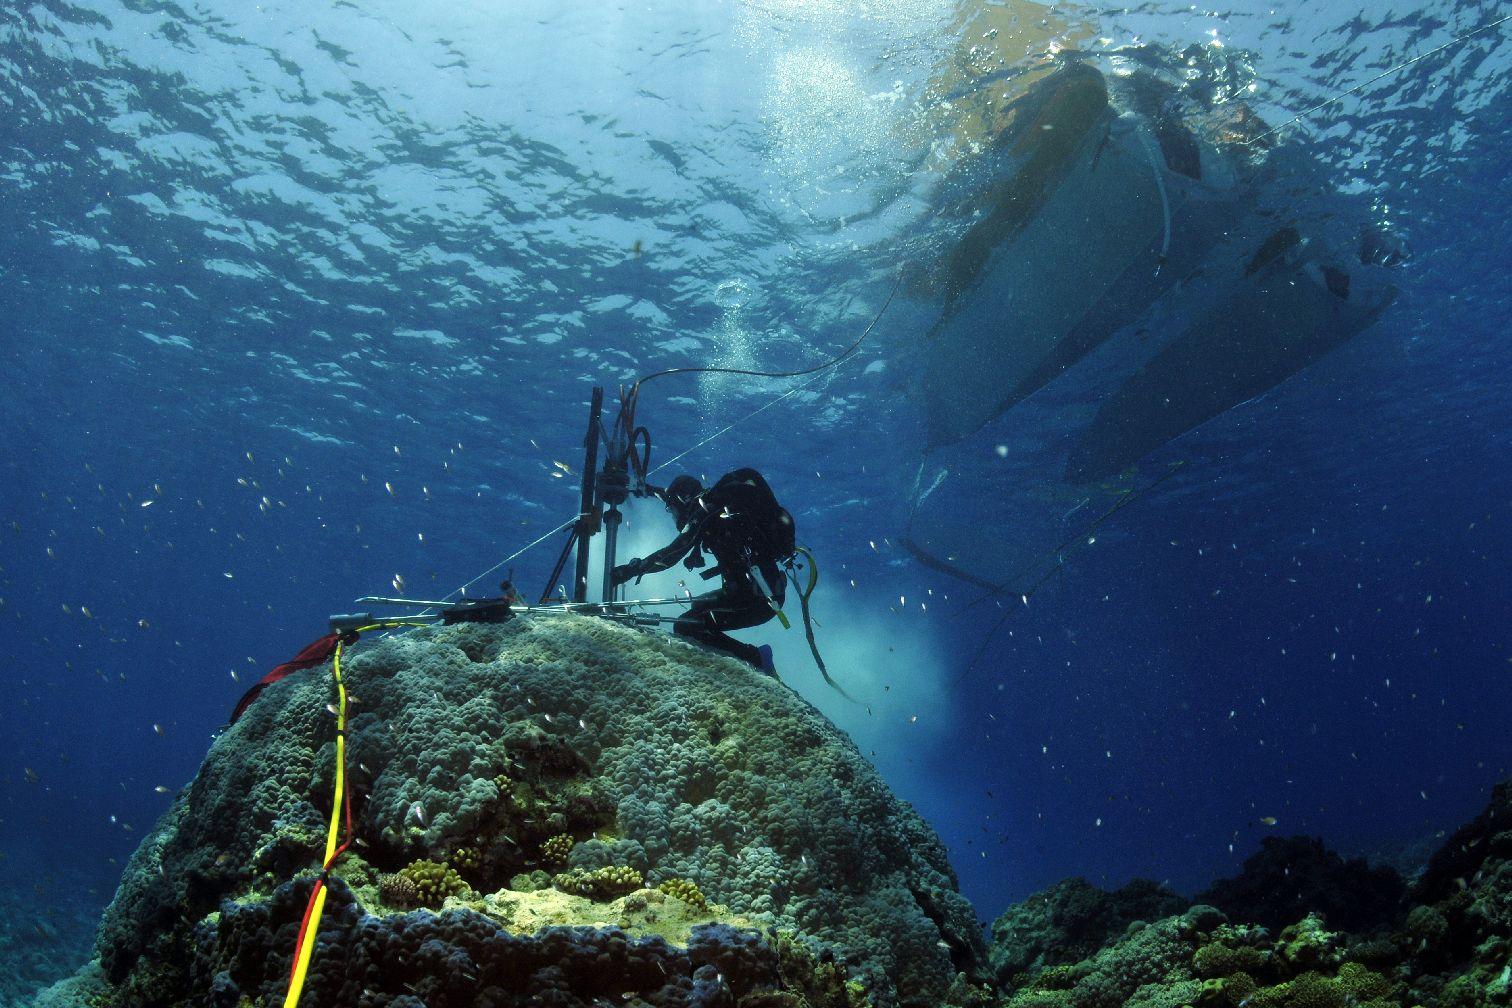 Messungen an von lebenden und fossilen Korallen lassen unter anderem Rückschlüsse zu über vergangene Temperatu-ren und Schwankungen des Meeresspiegels.  Bild: Eric Matson / Australian Institute for Marine Science